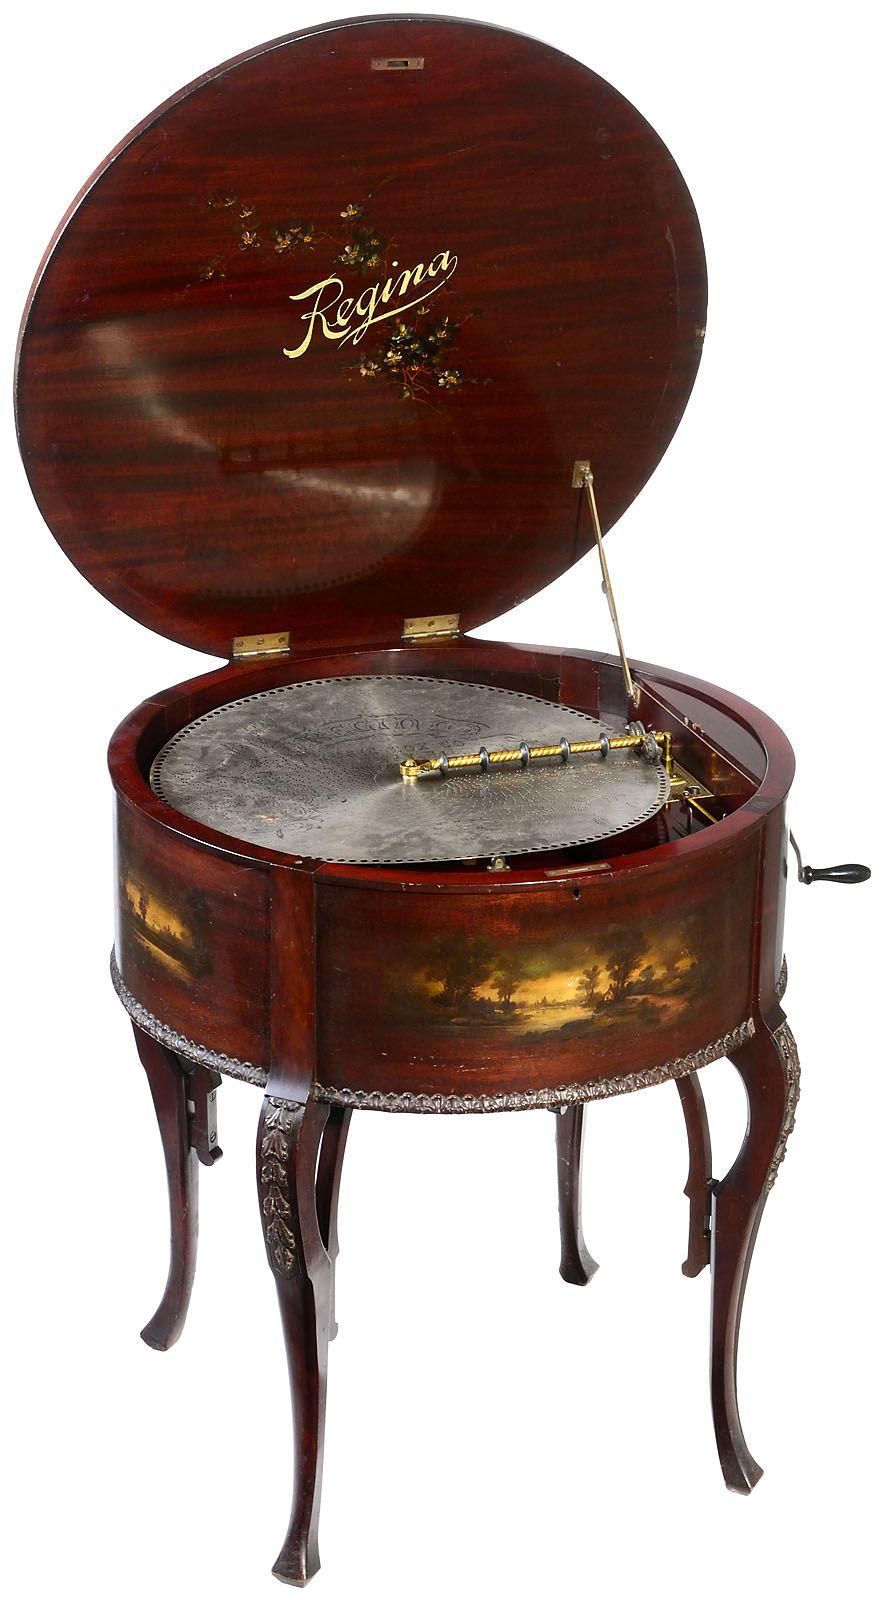 Drum_Table_Regina_copyright_2013_by_Auction_Team_Breker_Koeln_Germany.jpg (882×1600)